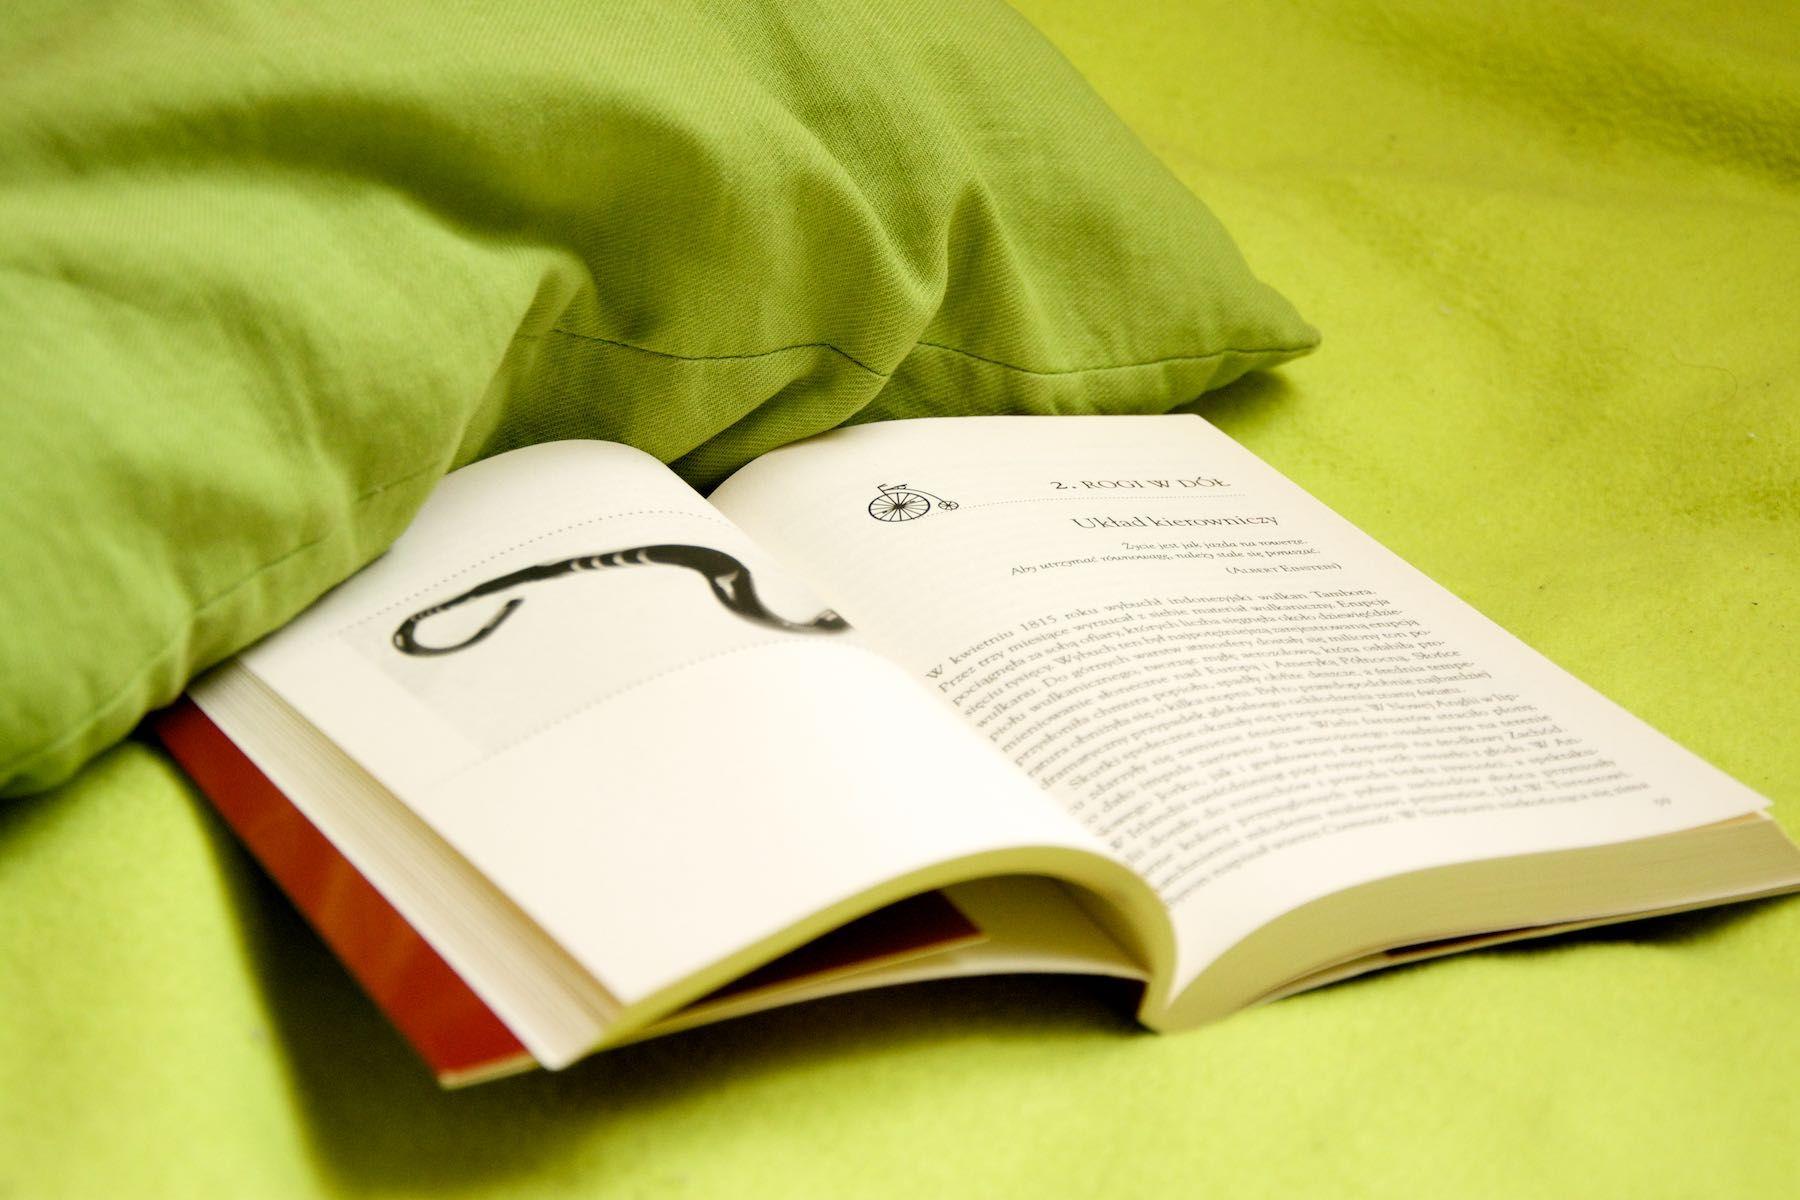 Recenzja książki Przepis na rower - Robert Penn